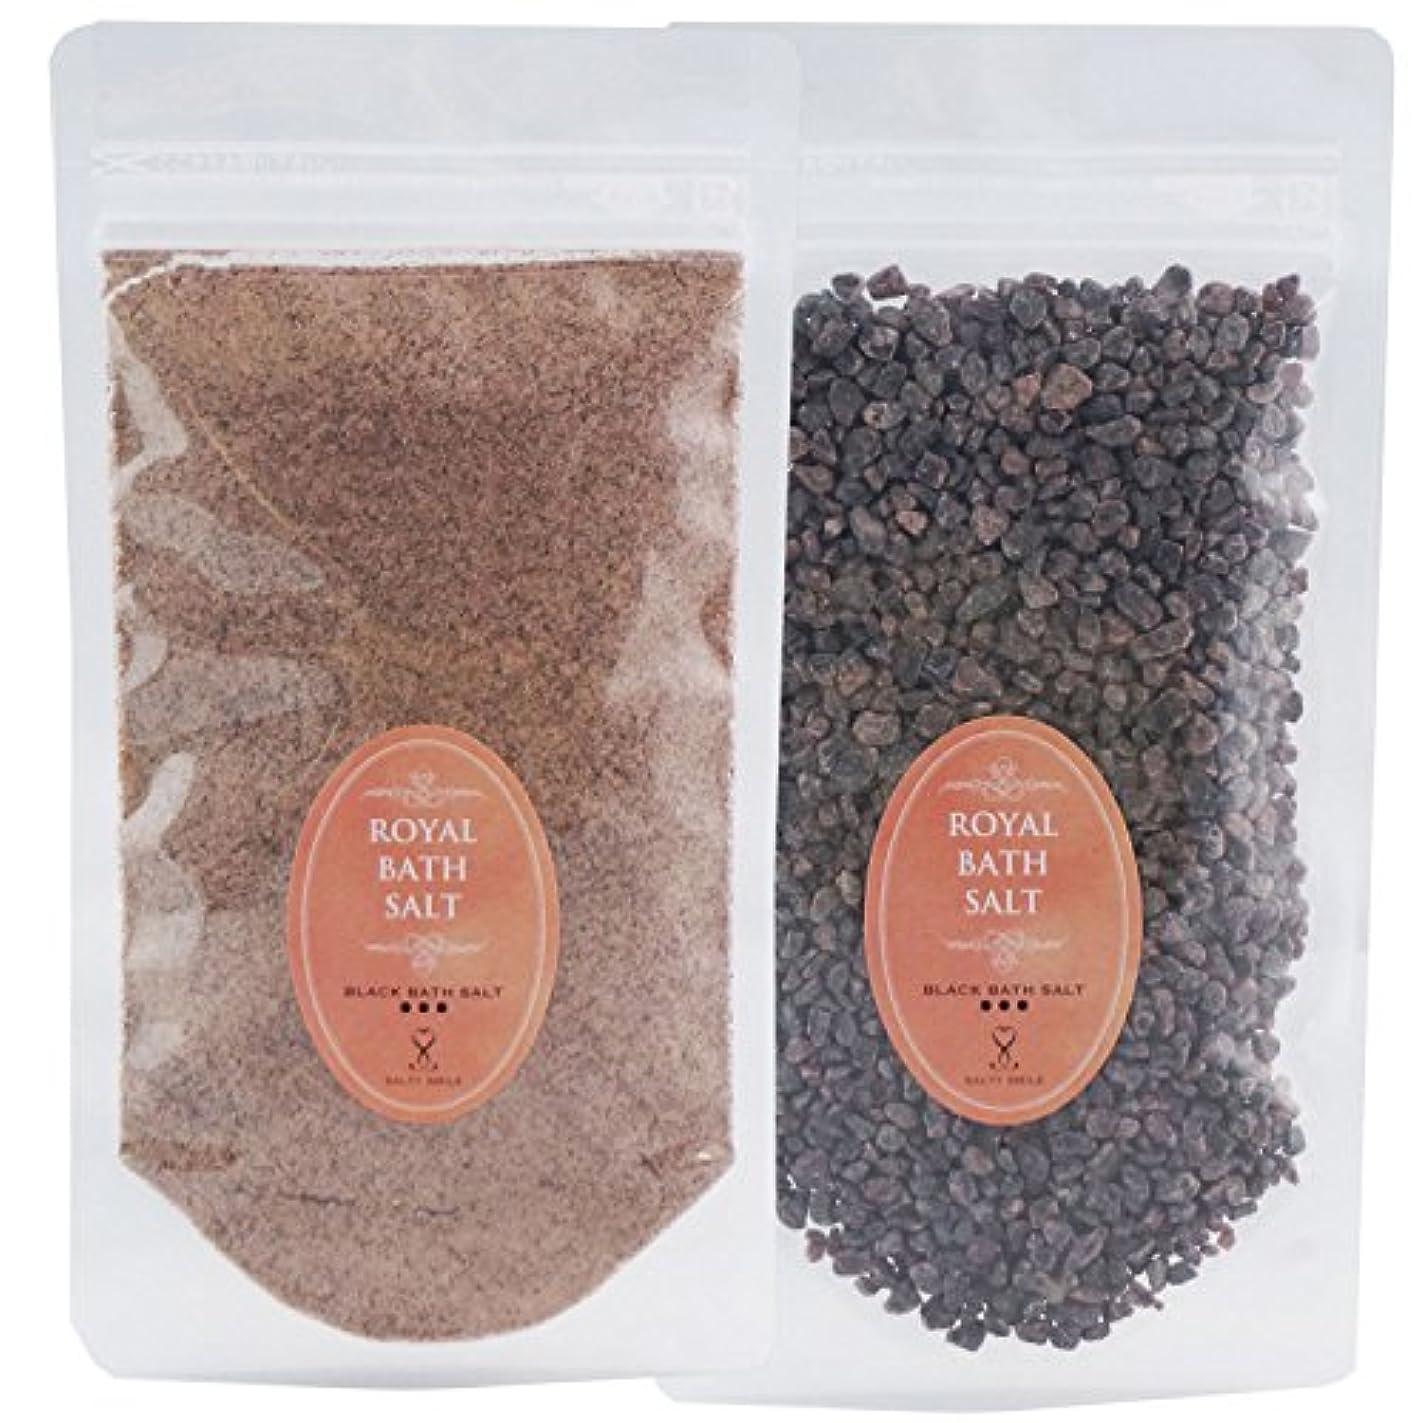 移住する酔った言語ロイヤル バスソルト ヒマラヤ岩塩 ブラック パウダー グレイン 各200g 粗粒 粉 ROYAL BATH SALT